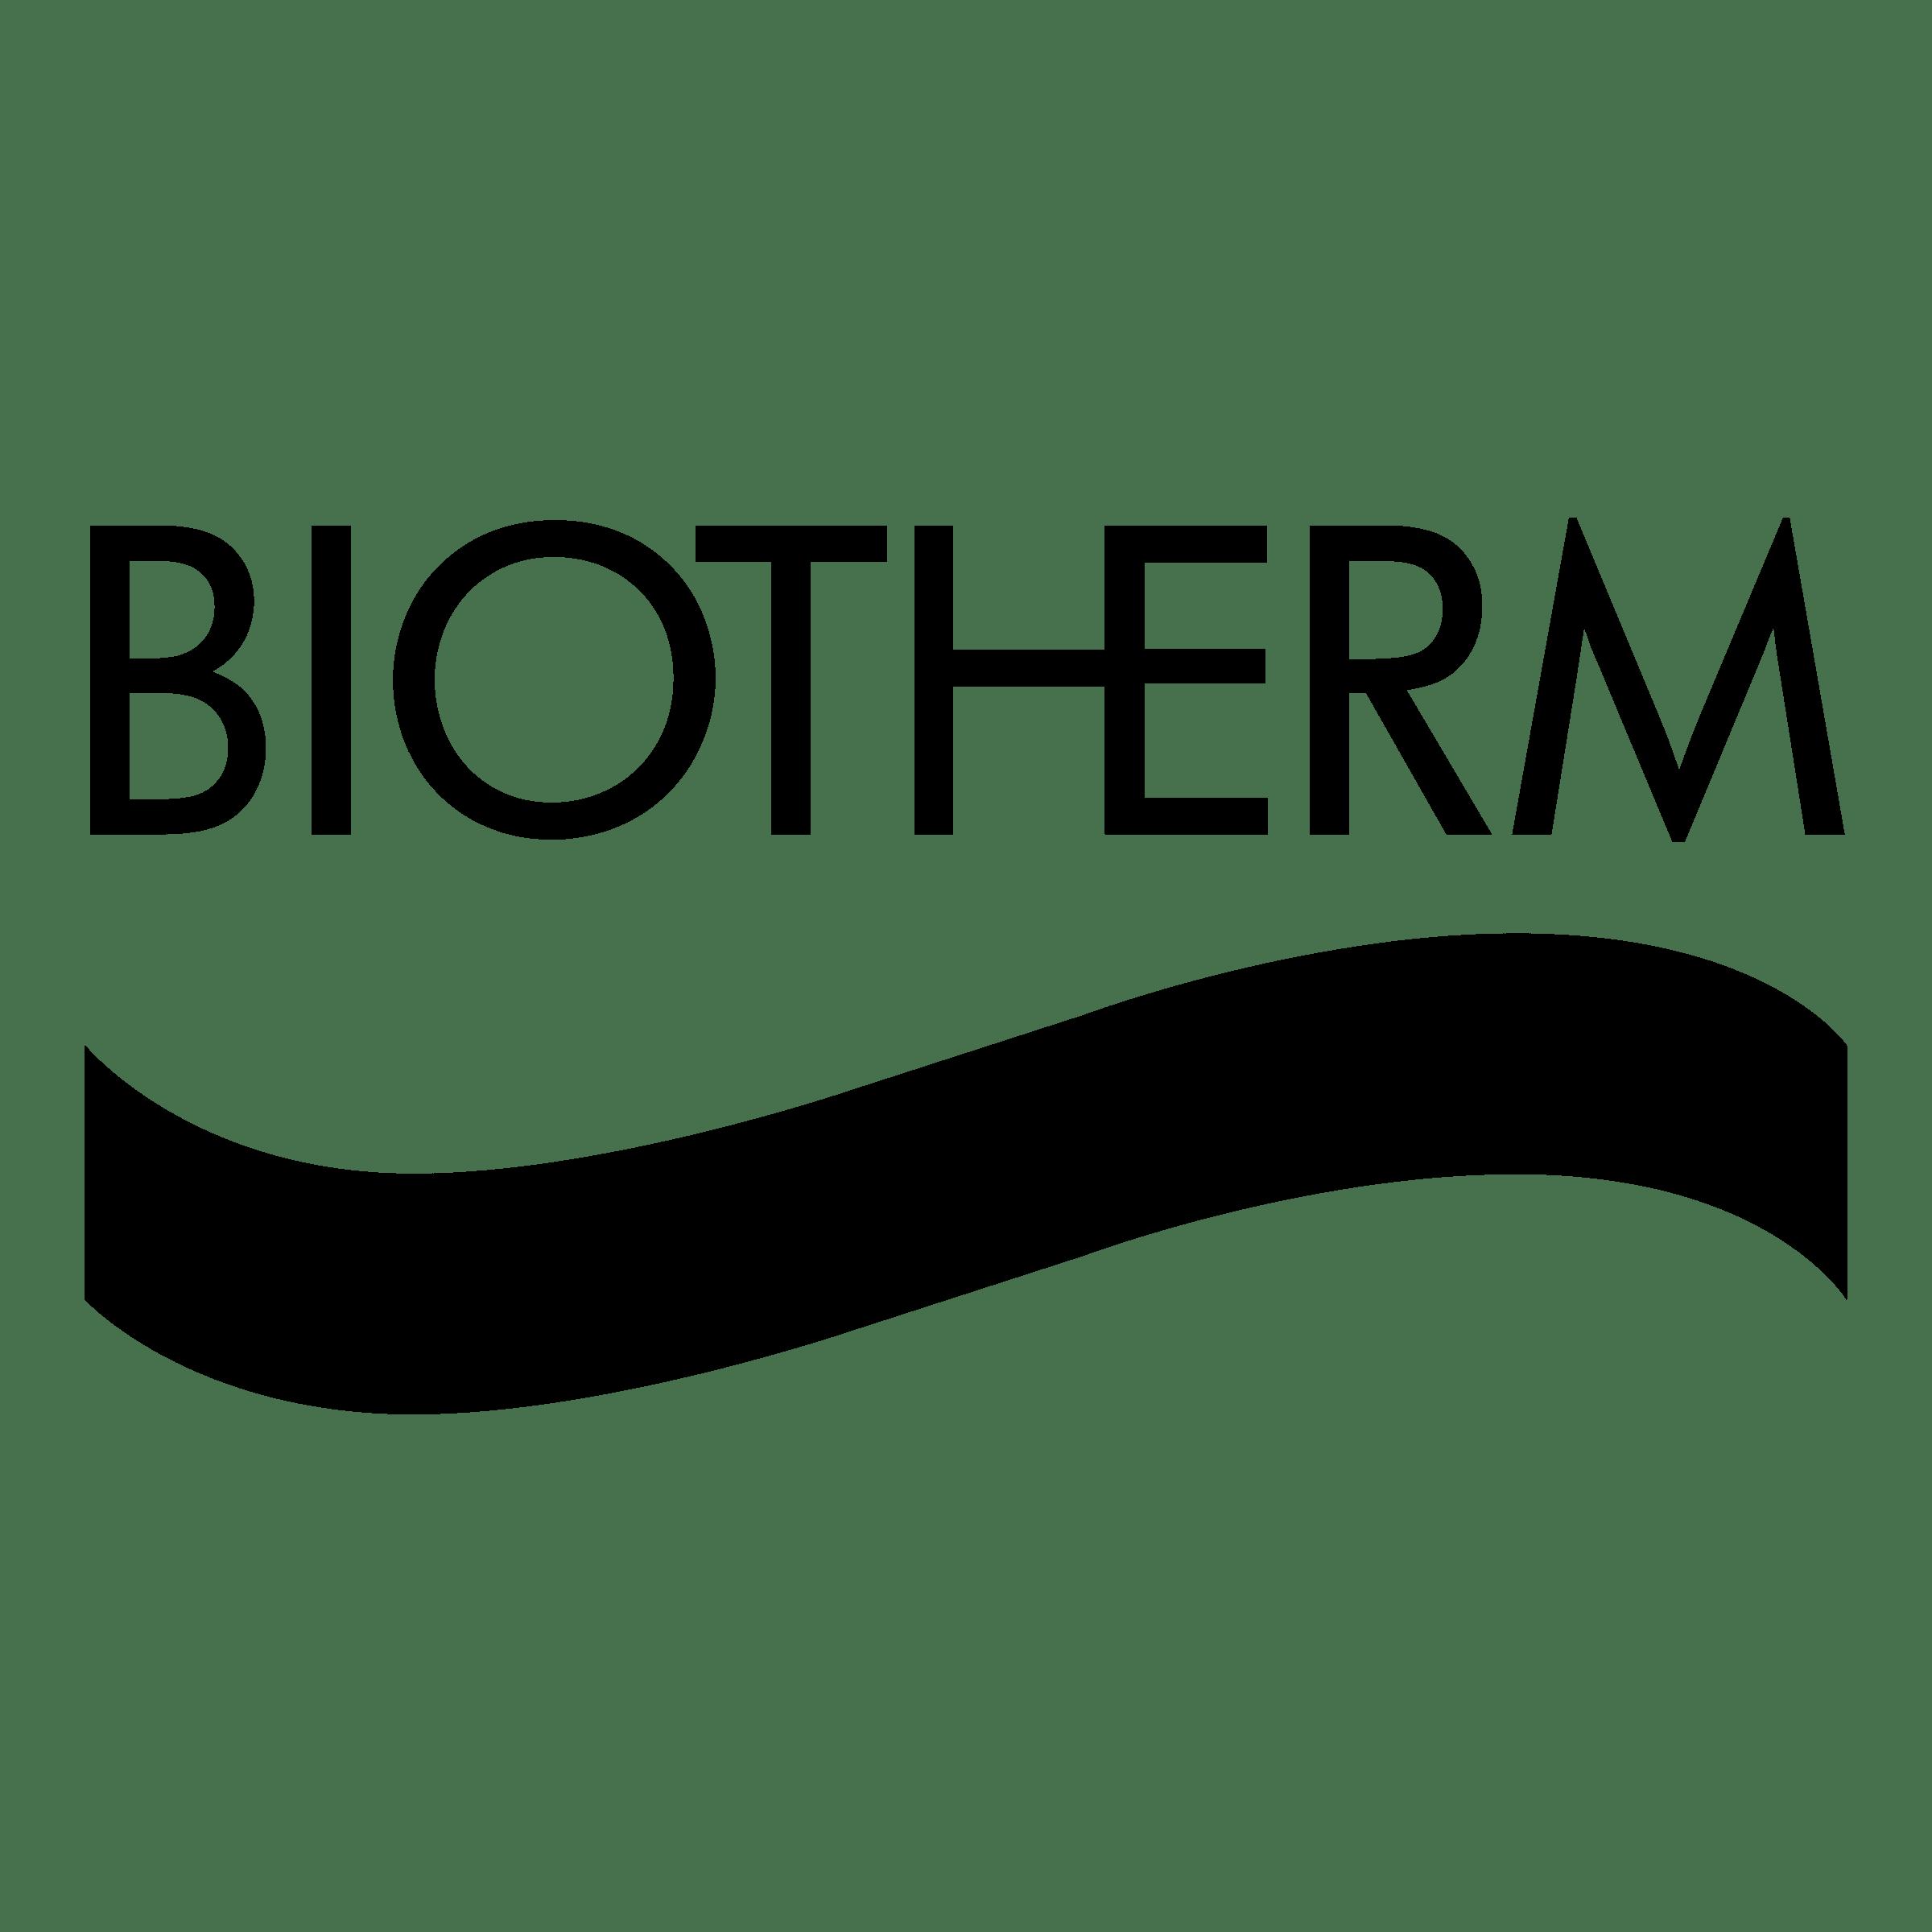 Biotherm Biotherm Logo Logo Evolution Biotherm